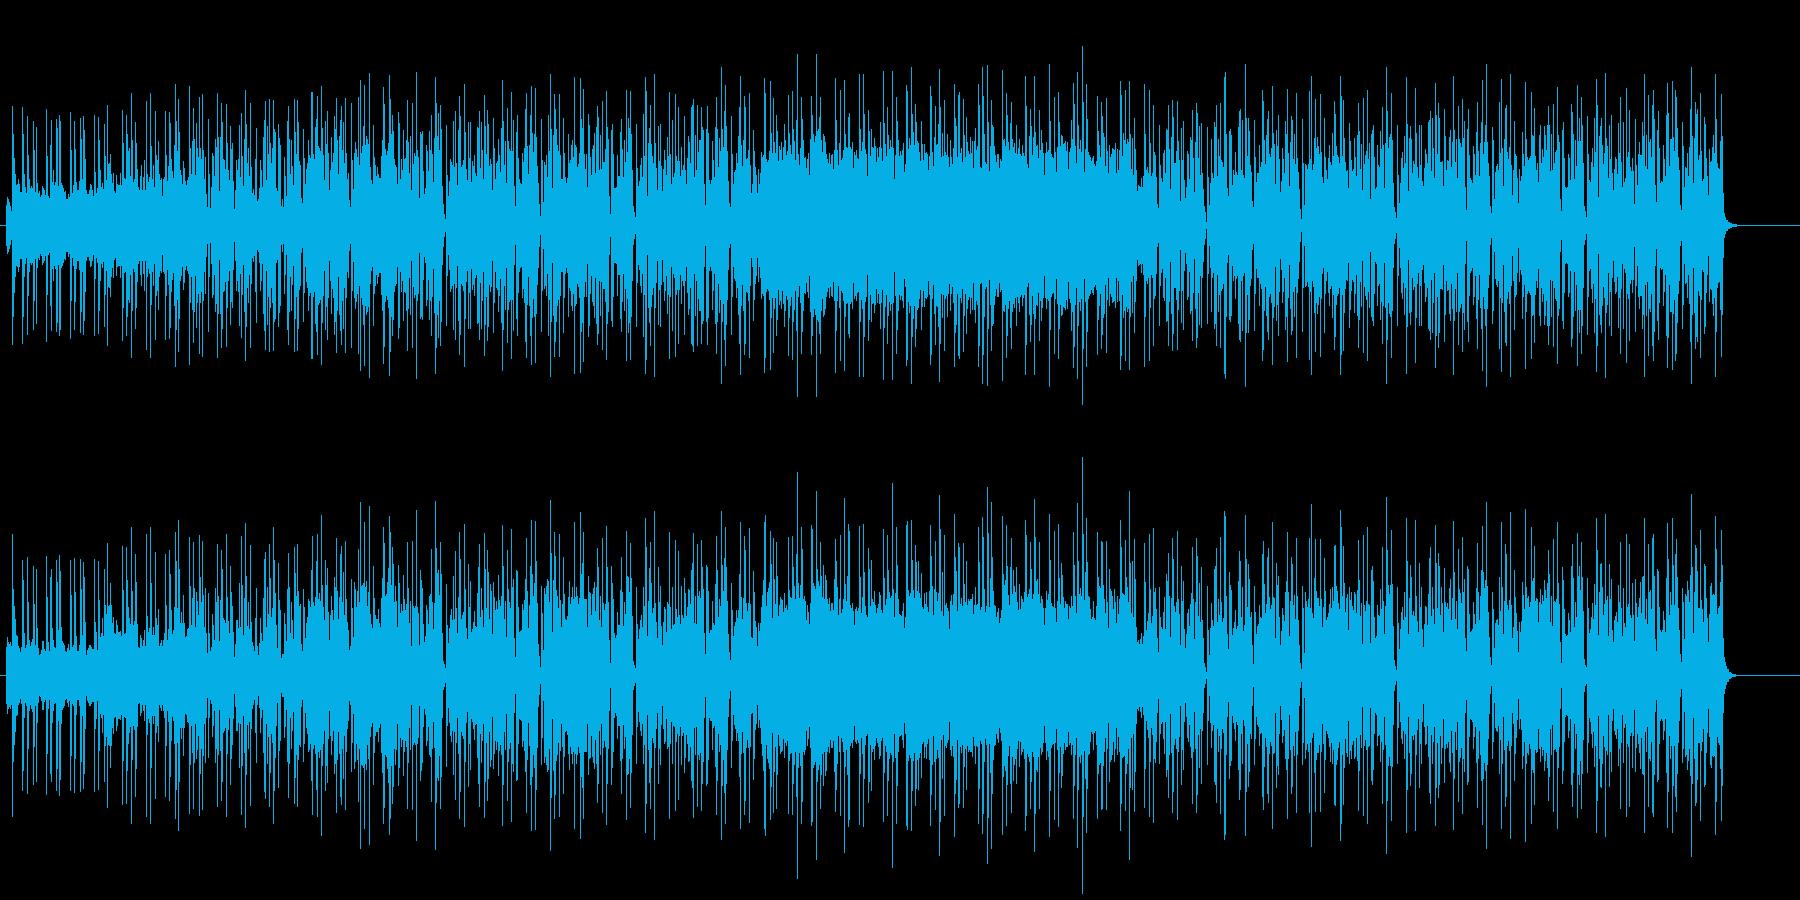 シャープなグルーヴ感に溢れたジャズの再生済みの波形